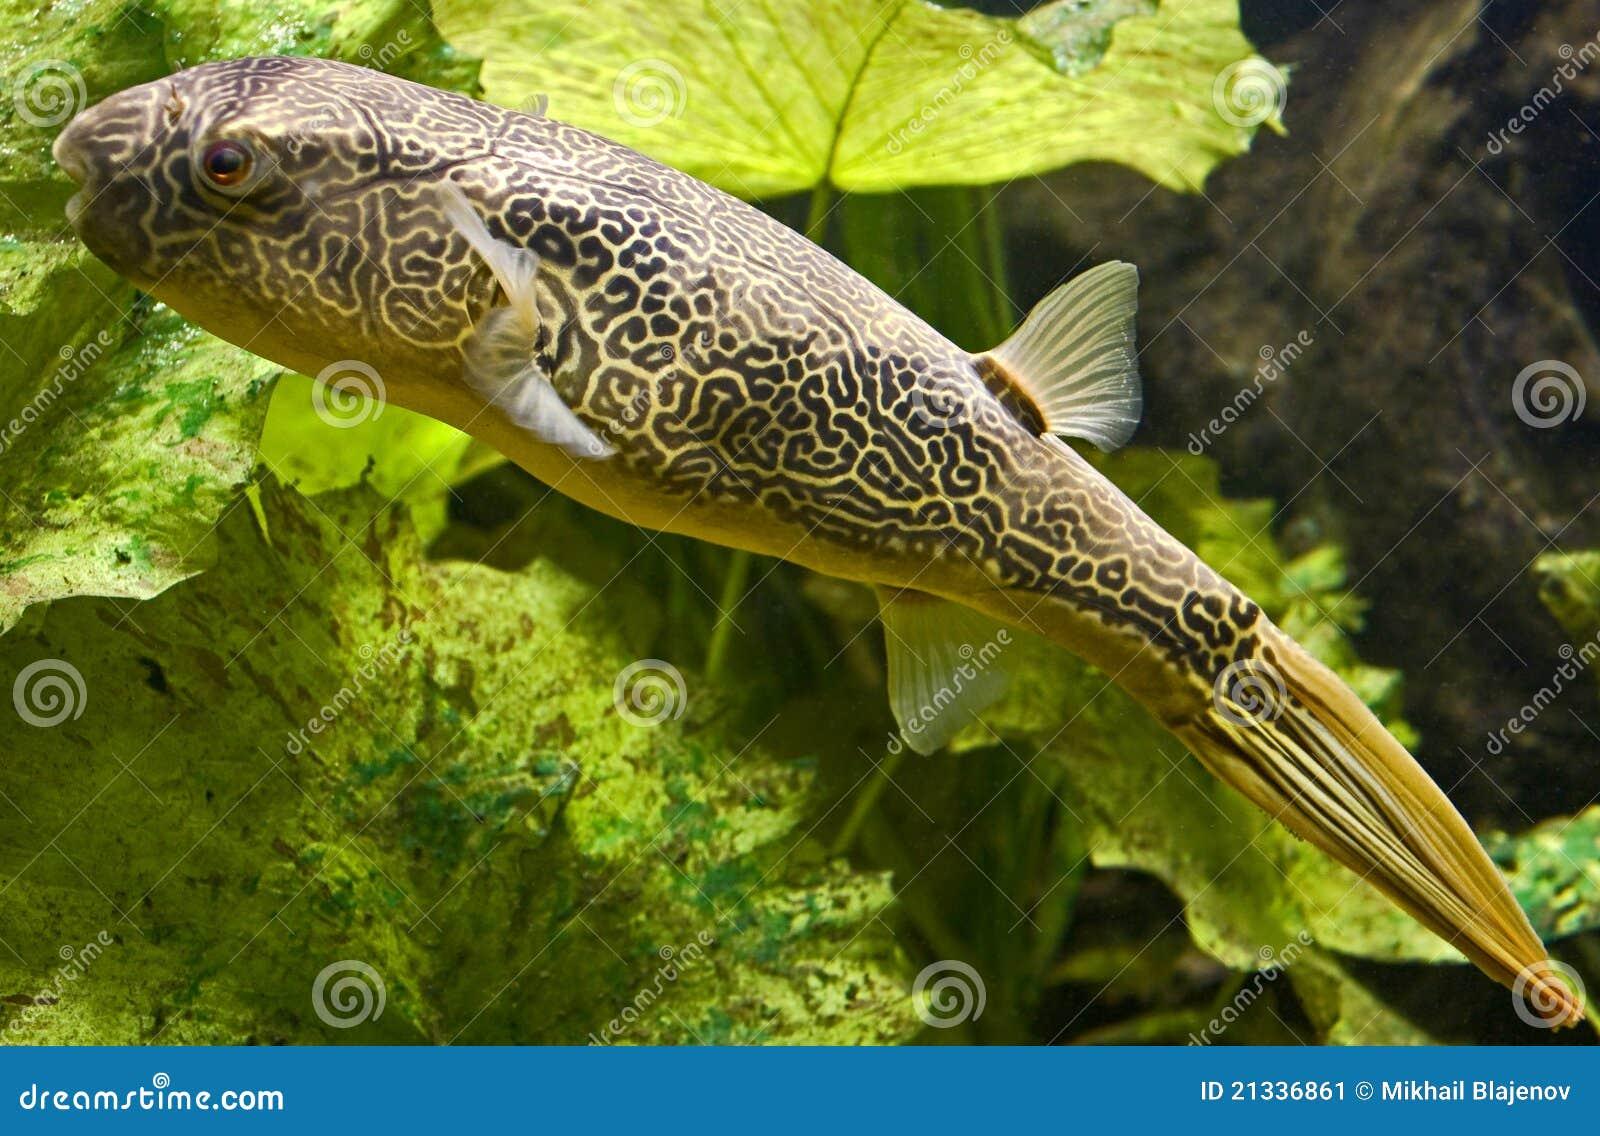 Pesce palla d 39 acqua dolce 5 immagine stock immagine for Pesce pulitore acqua dolce fredda